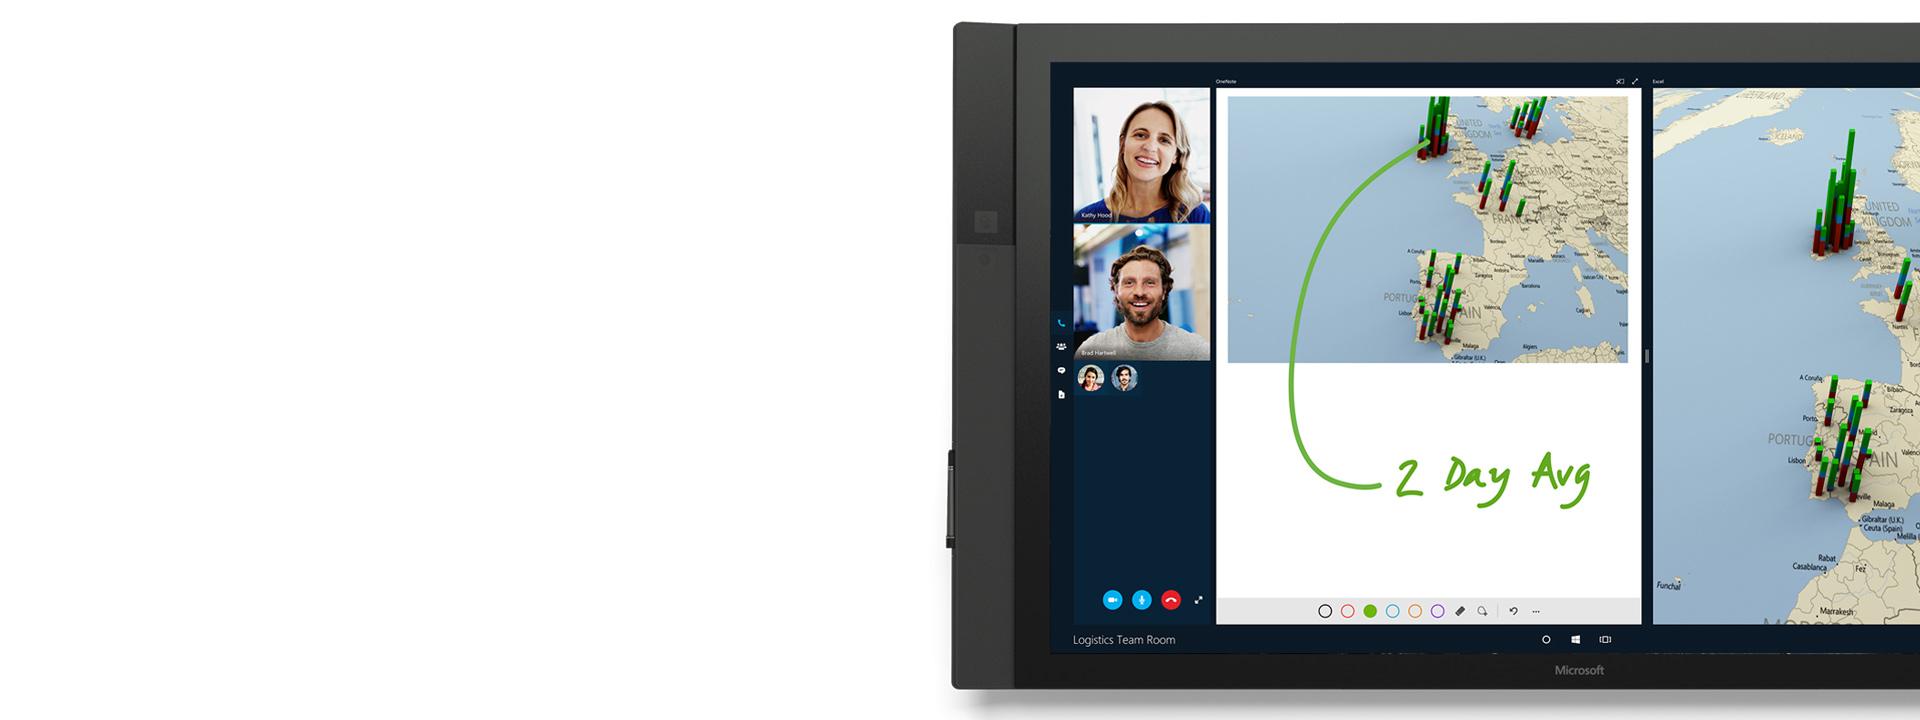 Skype Entreprise apparaît sur le Surface Hub.